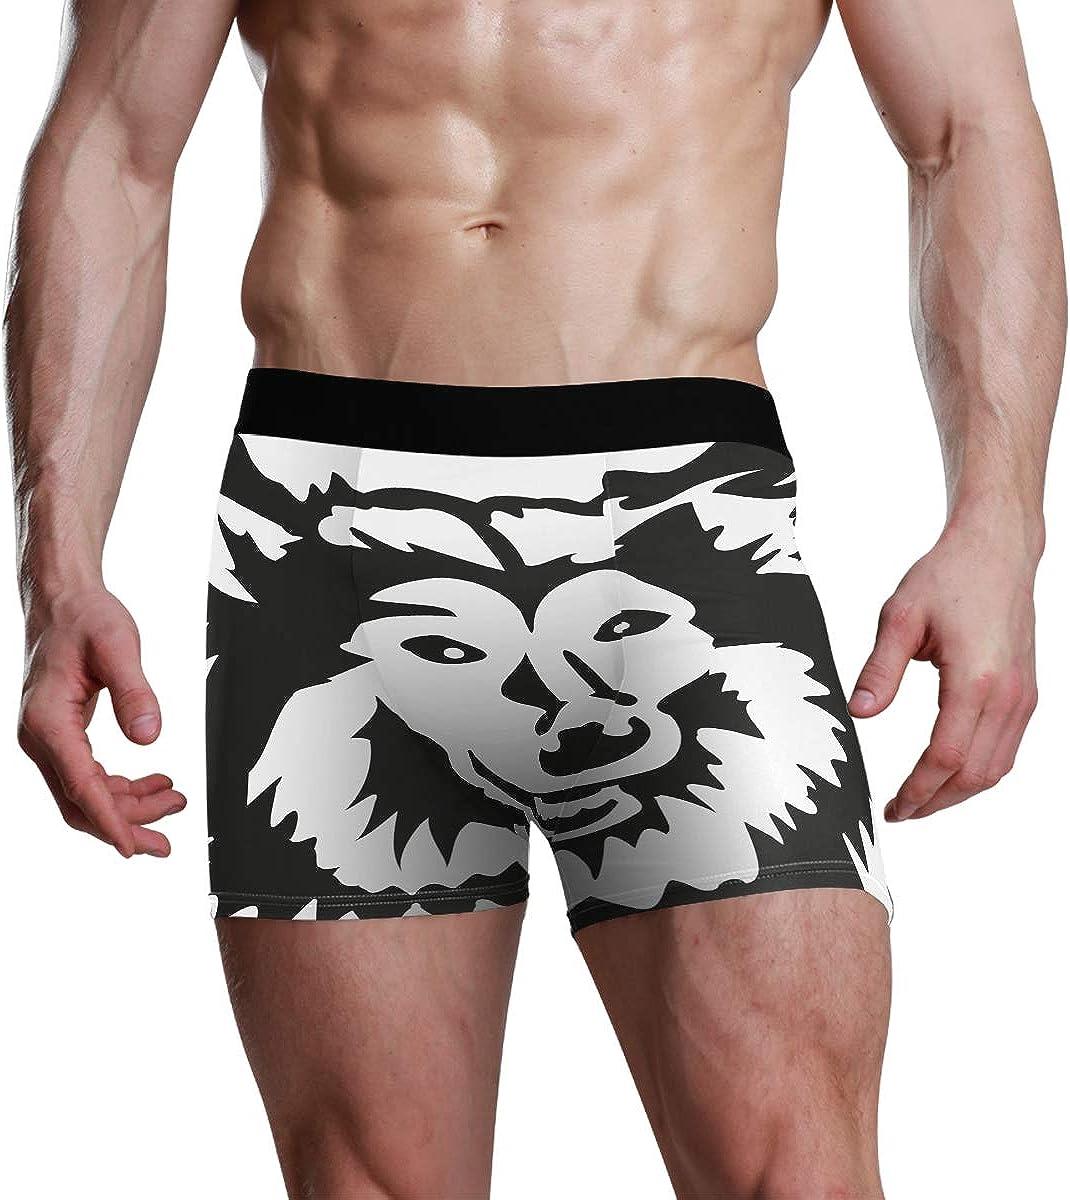 Mens Boxer Briefs Underwear Rough Collie Head Trunks Underwear Short Leg Boys